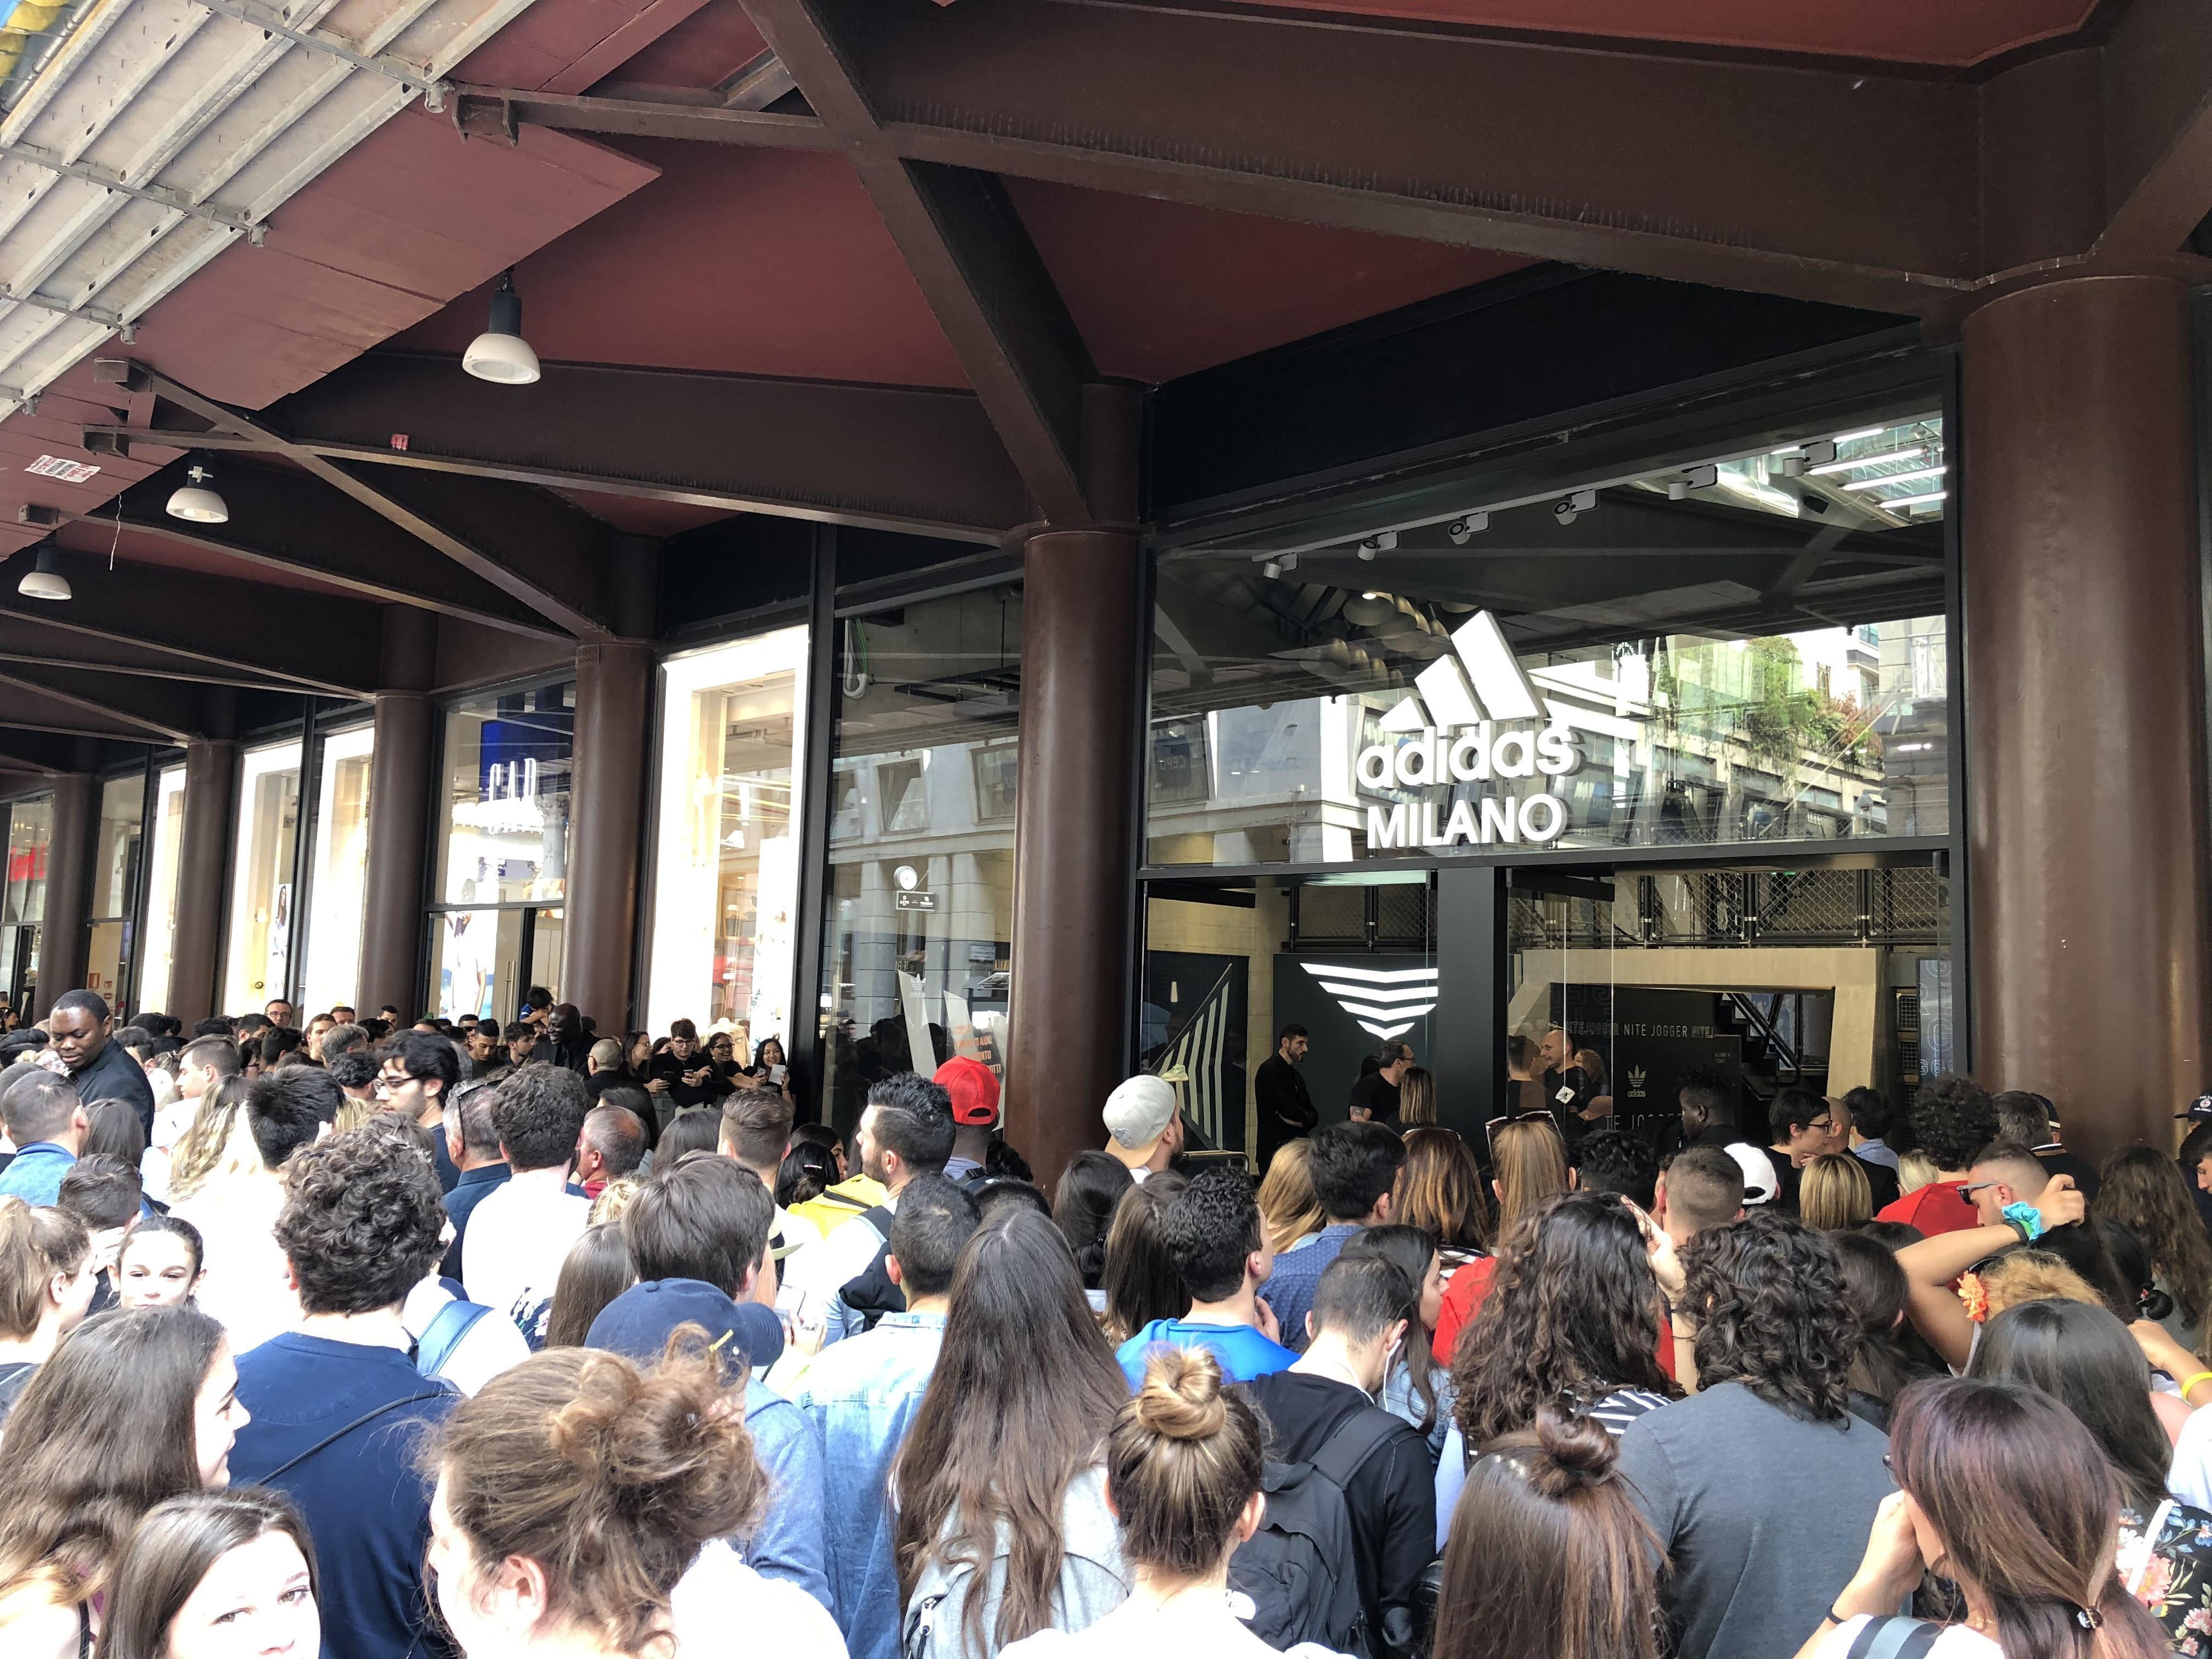 Oltre mille persone davanti allo store adidas di Milano per incontrare Dybala e Bentancur. I due juventini hanno firmato autografi e scattato foto con...